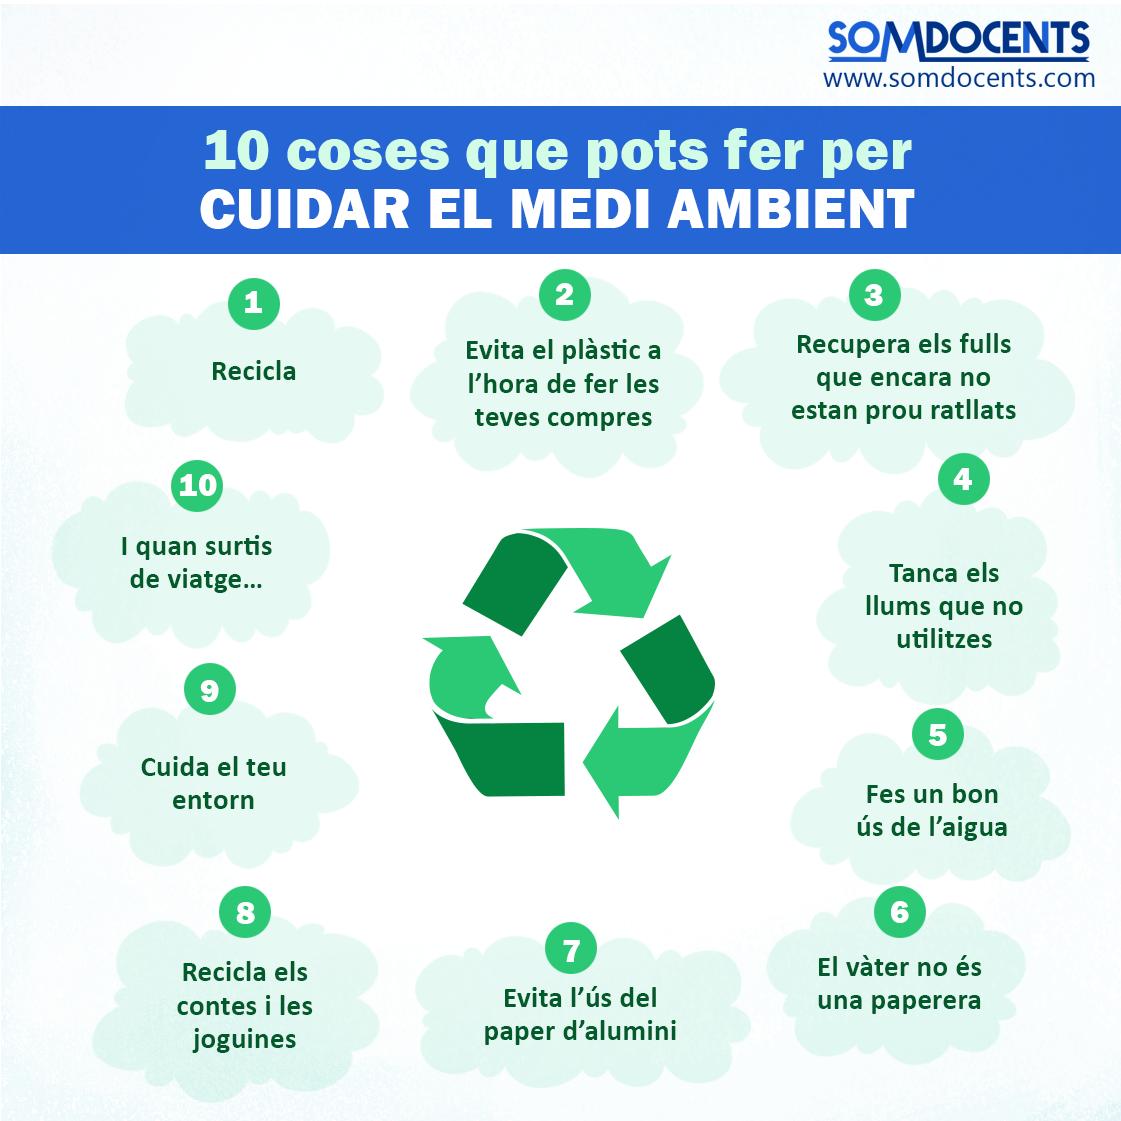 somdocents-10-coses-que-pots-fer-per-cuidar-el-medi-ambient